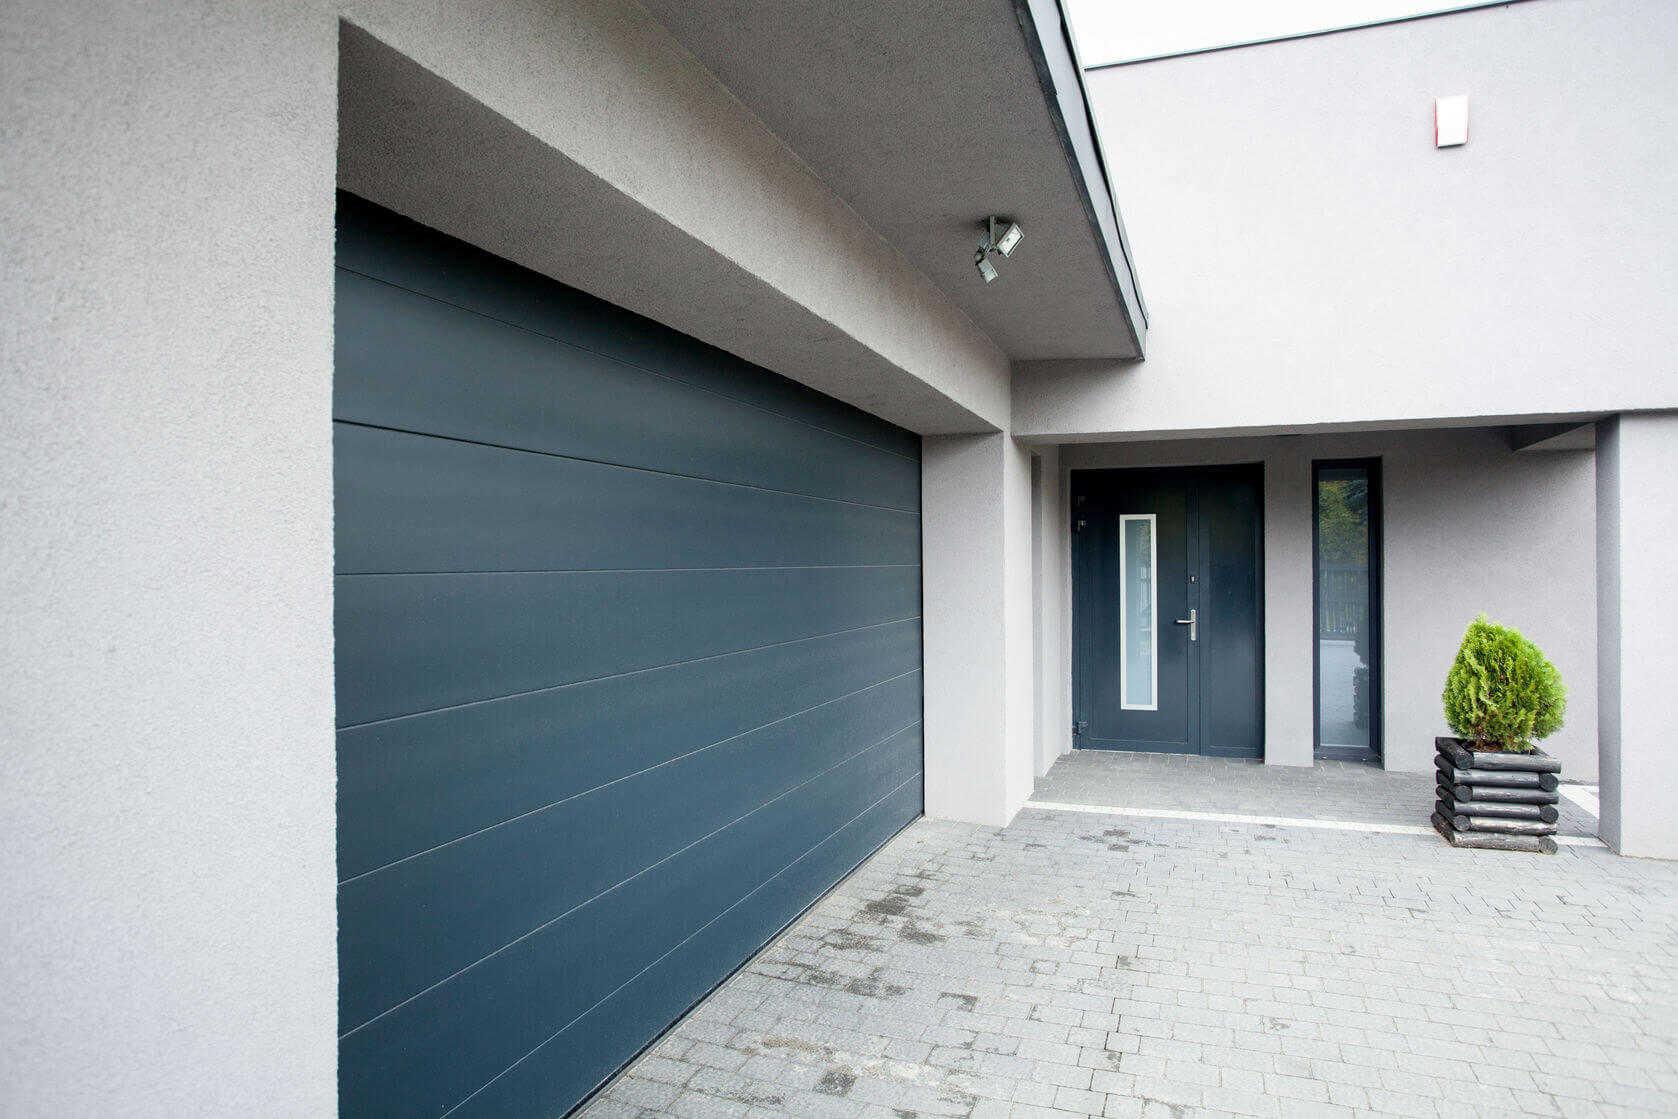 WorkAdvisor Devis Artisan Menuiserie Porte de garage Menuisier Rénovation Maison Appartement Cout Budget Travaux.jpg